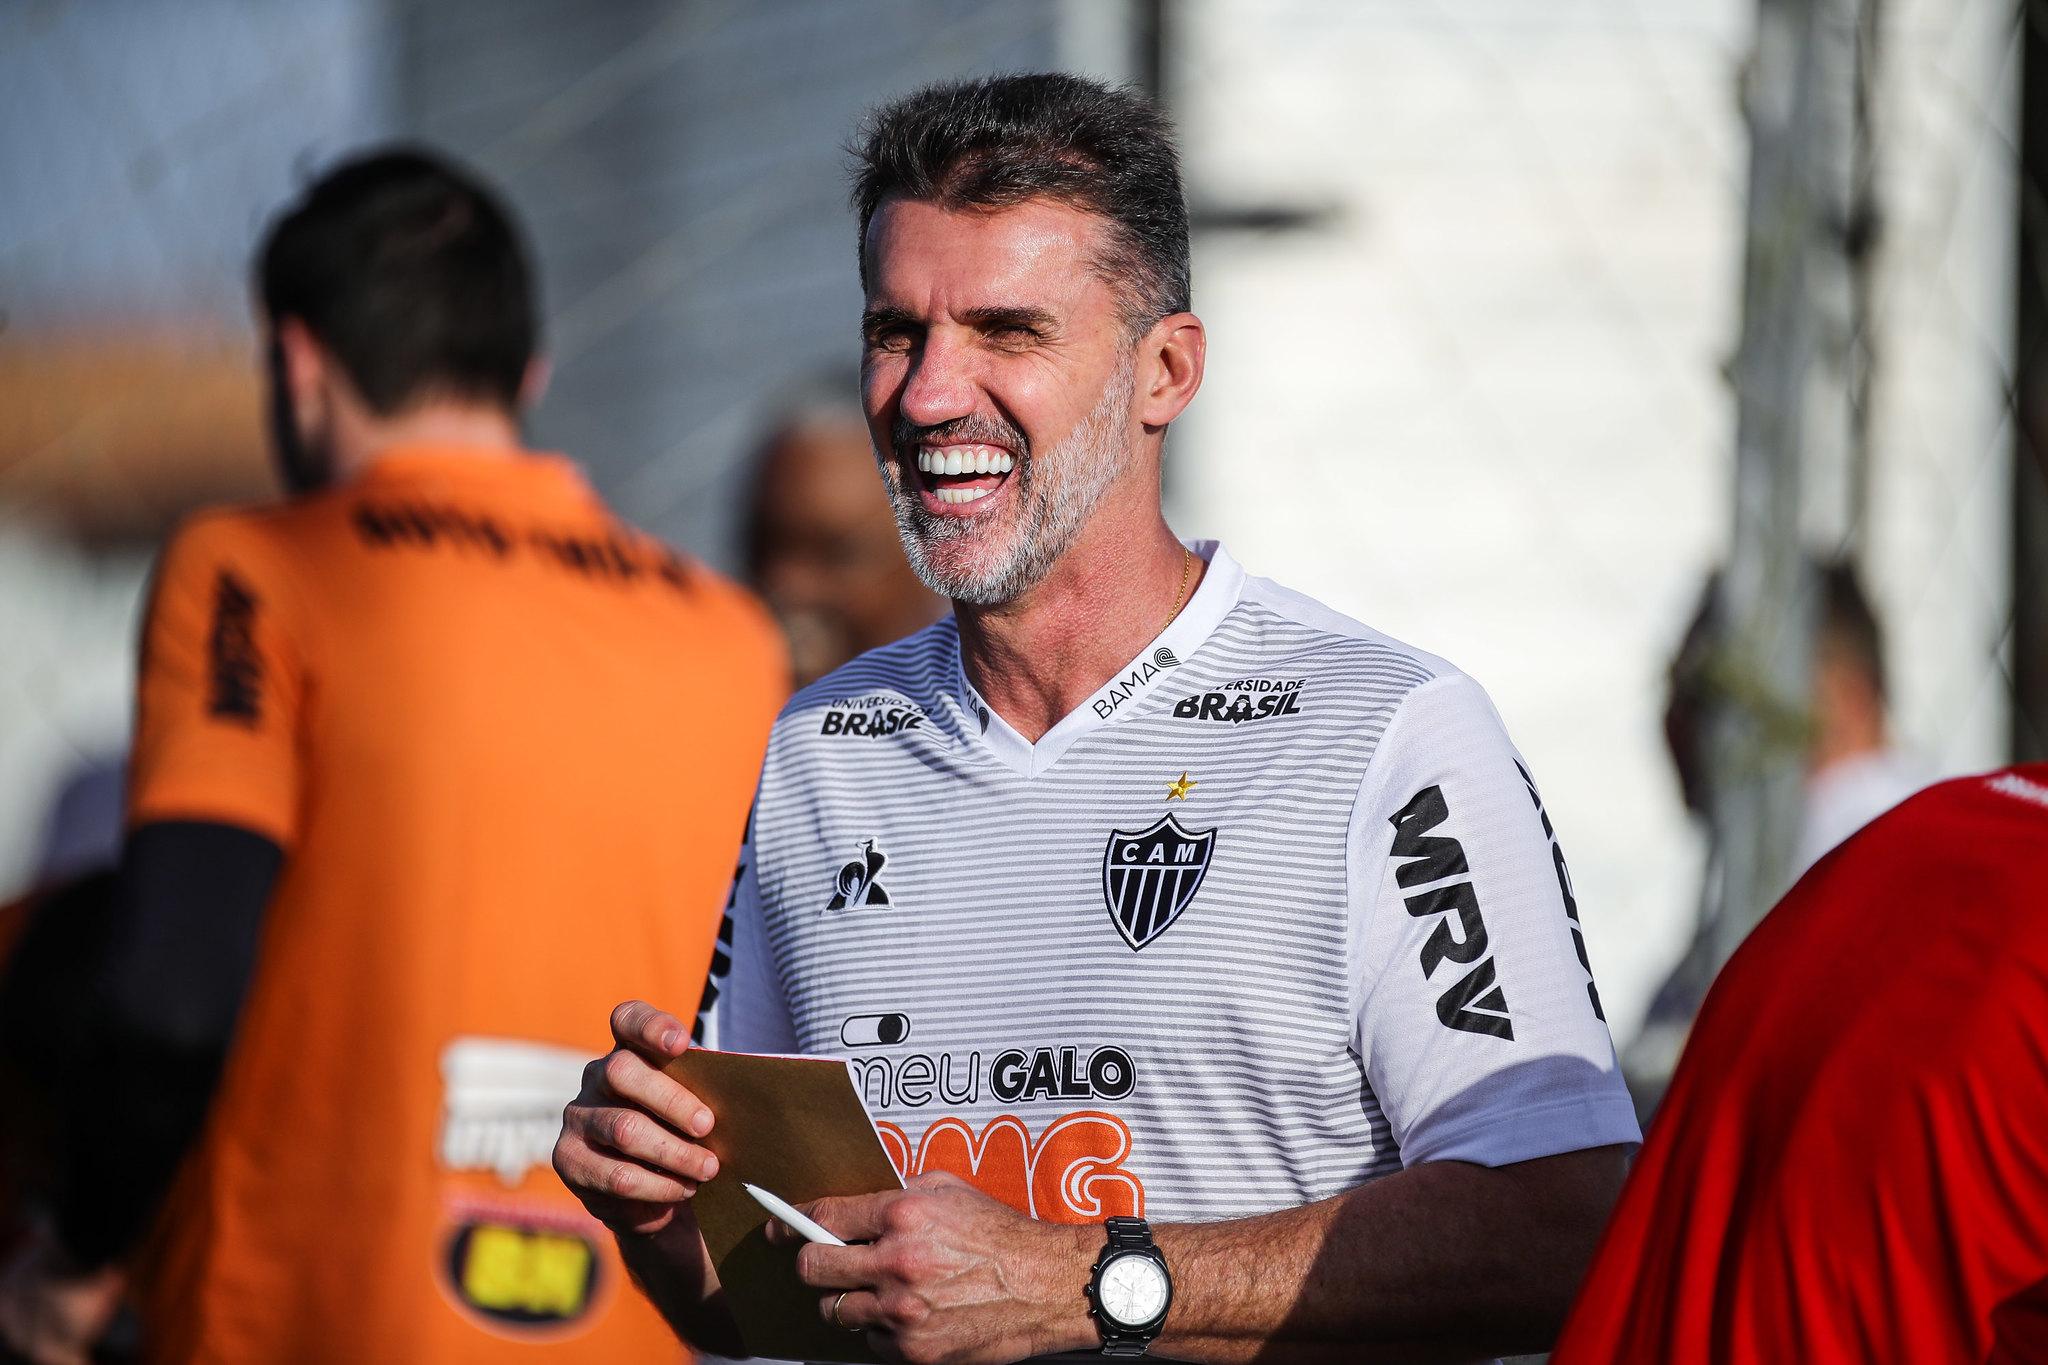 Mancini sabe que precisa obter bons resultados rapidamente, até porque seu contrato tem duração apenas até o fim da competição nacional.